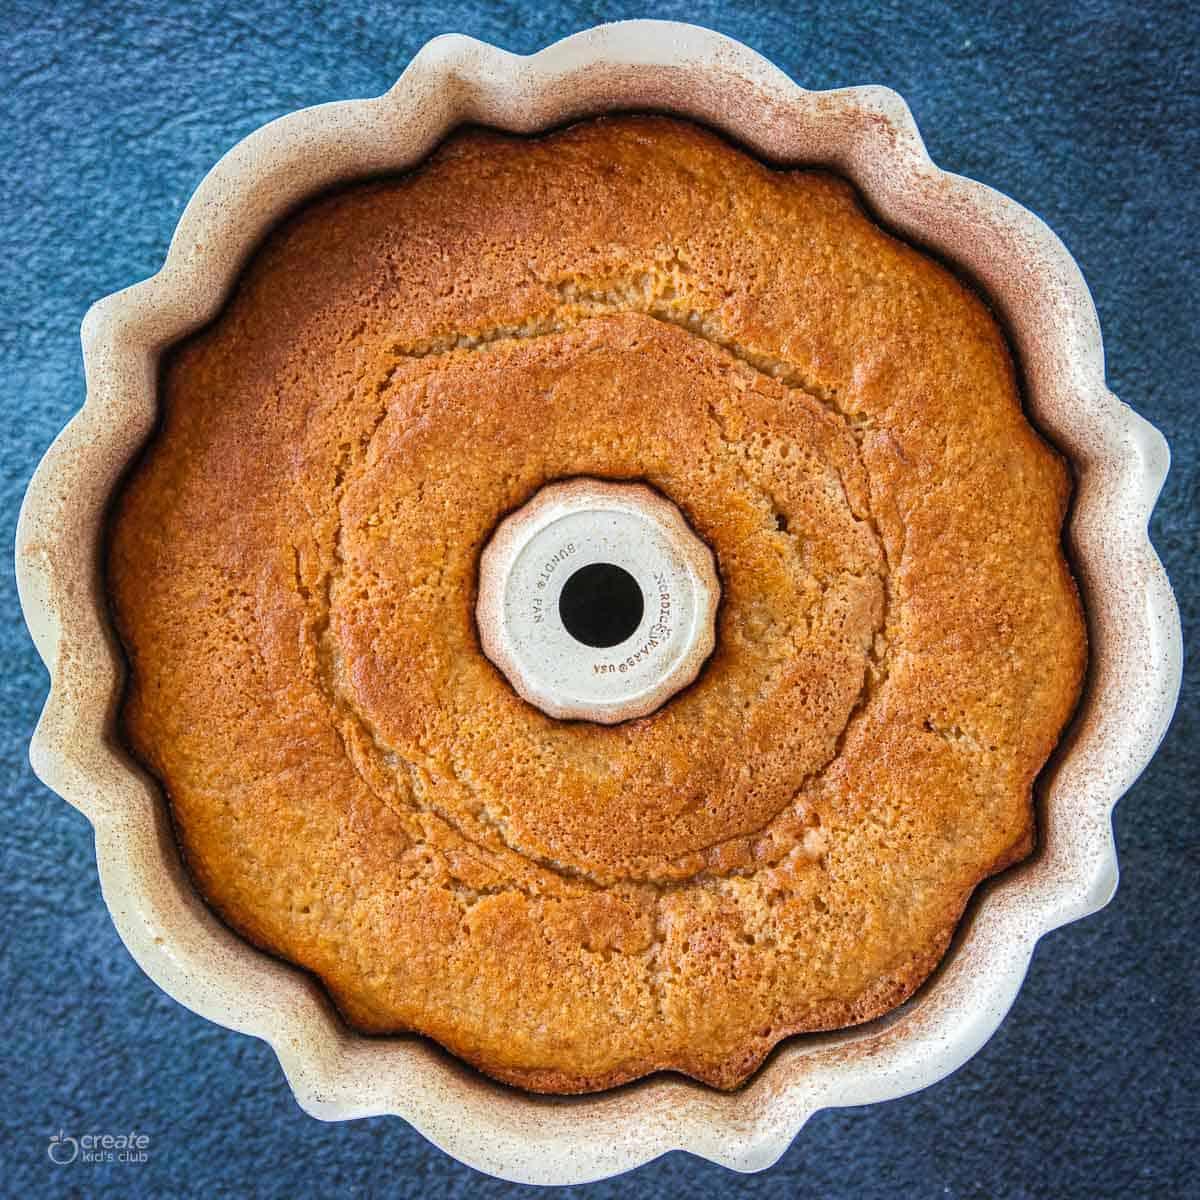 cake baked in Bundt pan